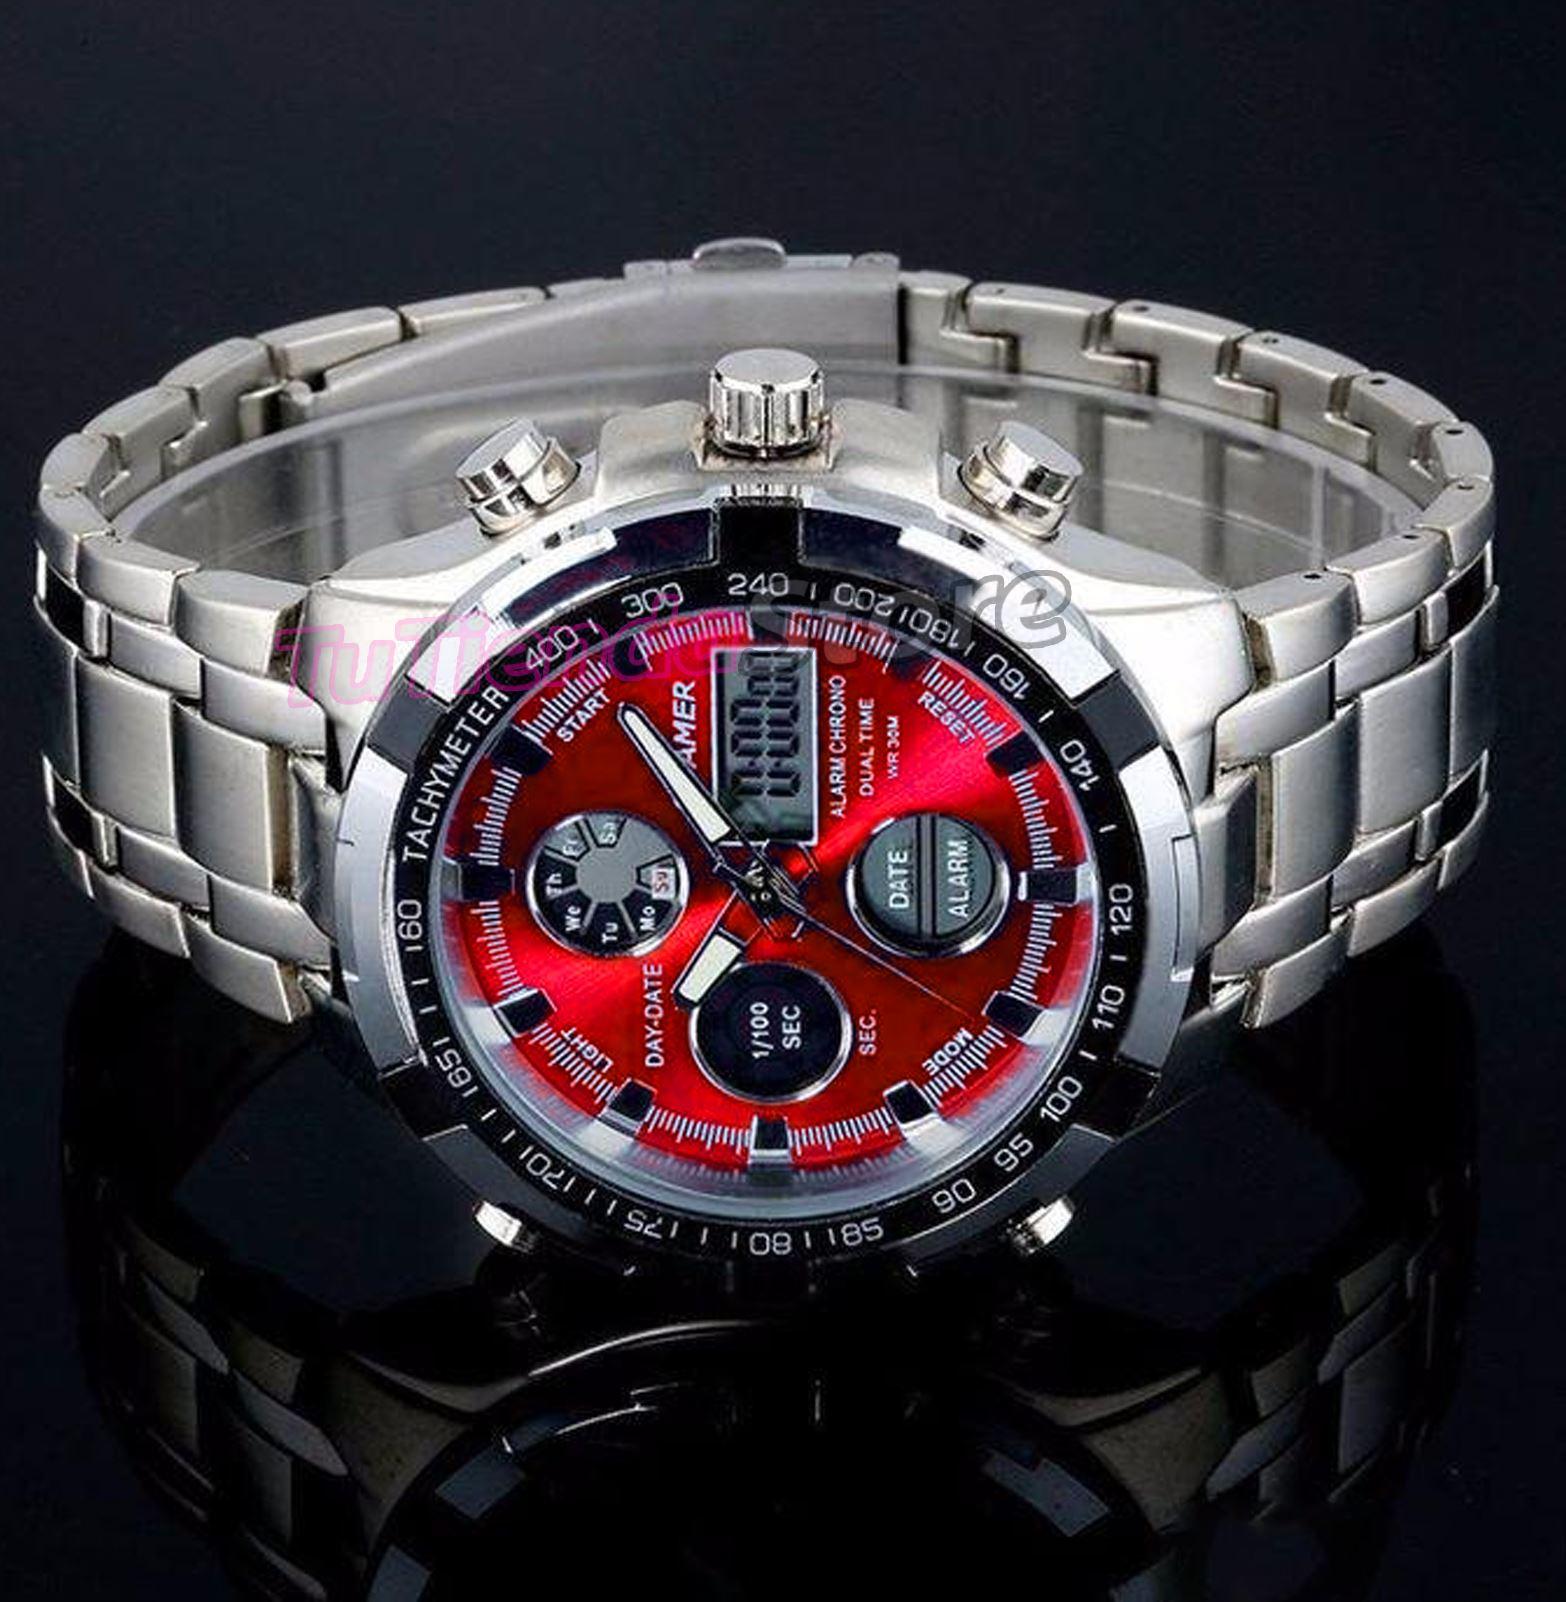 Reloj De Pulsera Hombre caballero Digital y Analogico Acero Inox ... 8357e7b48970